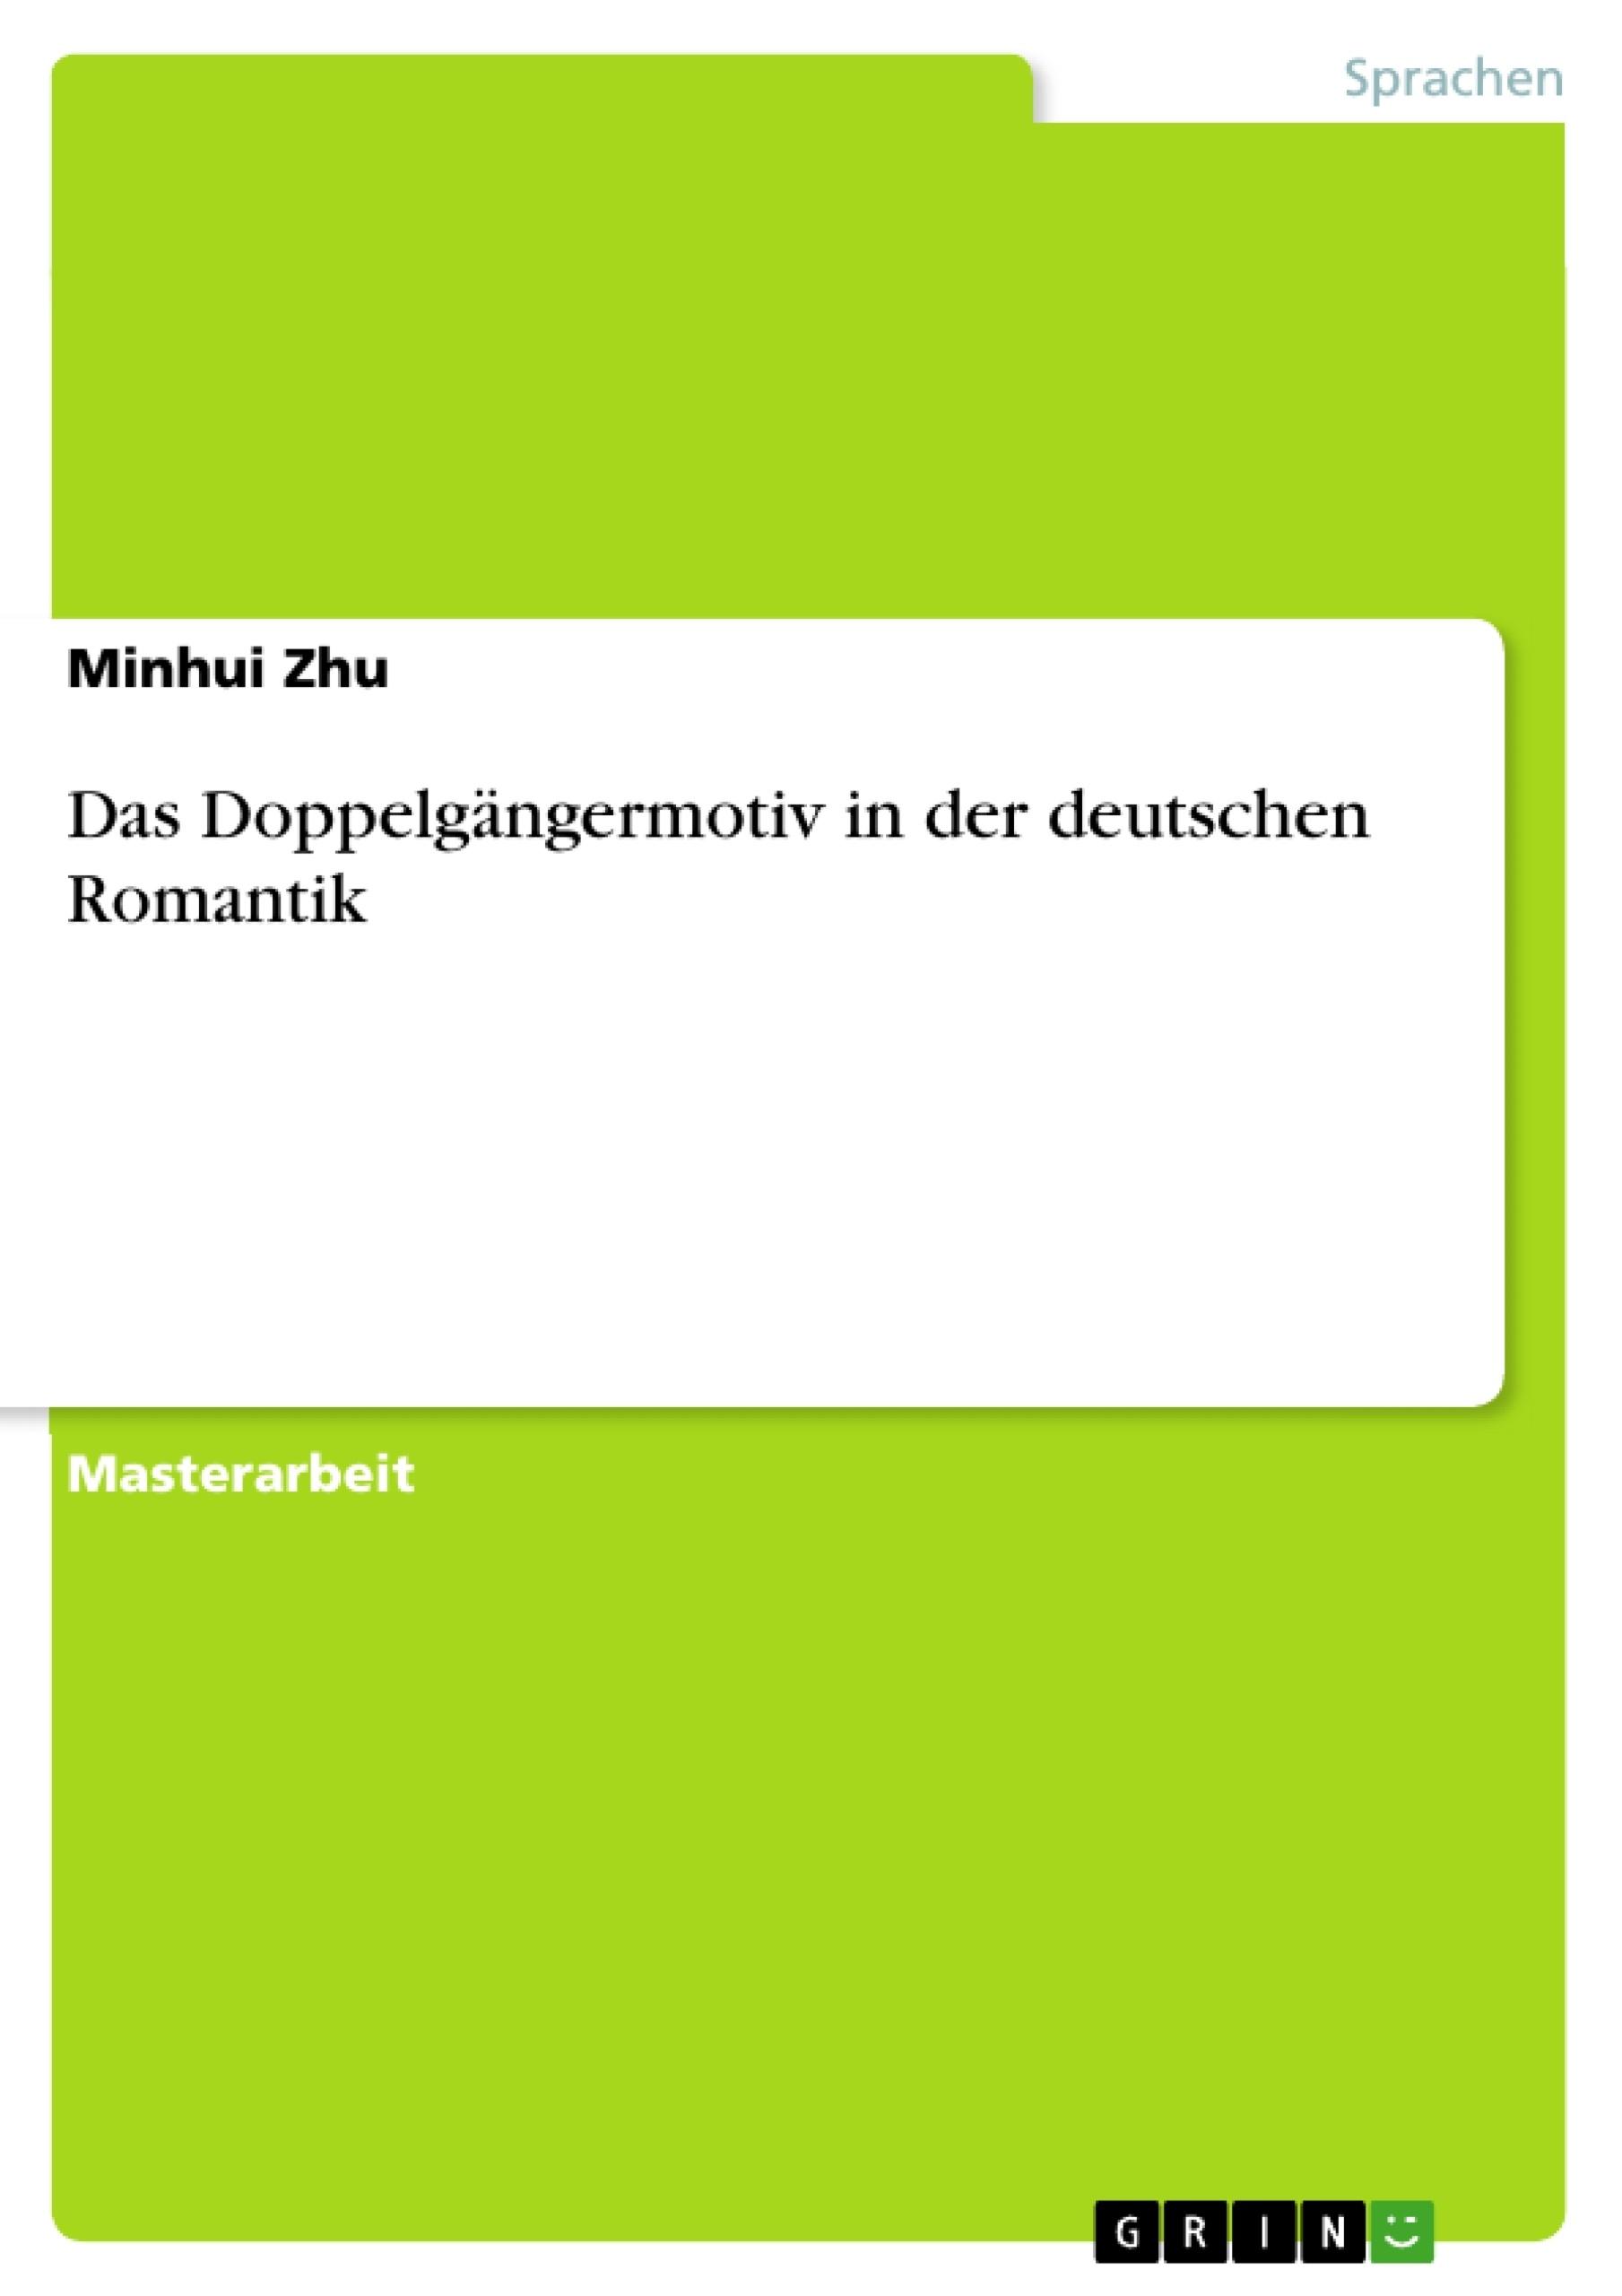 Titel: Das Doppelgängermotiv in der deutschen Romantik